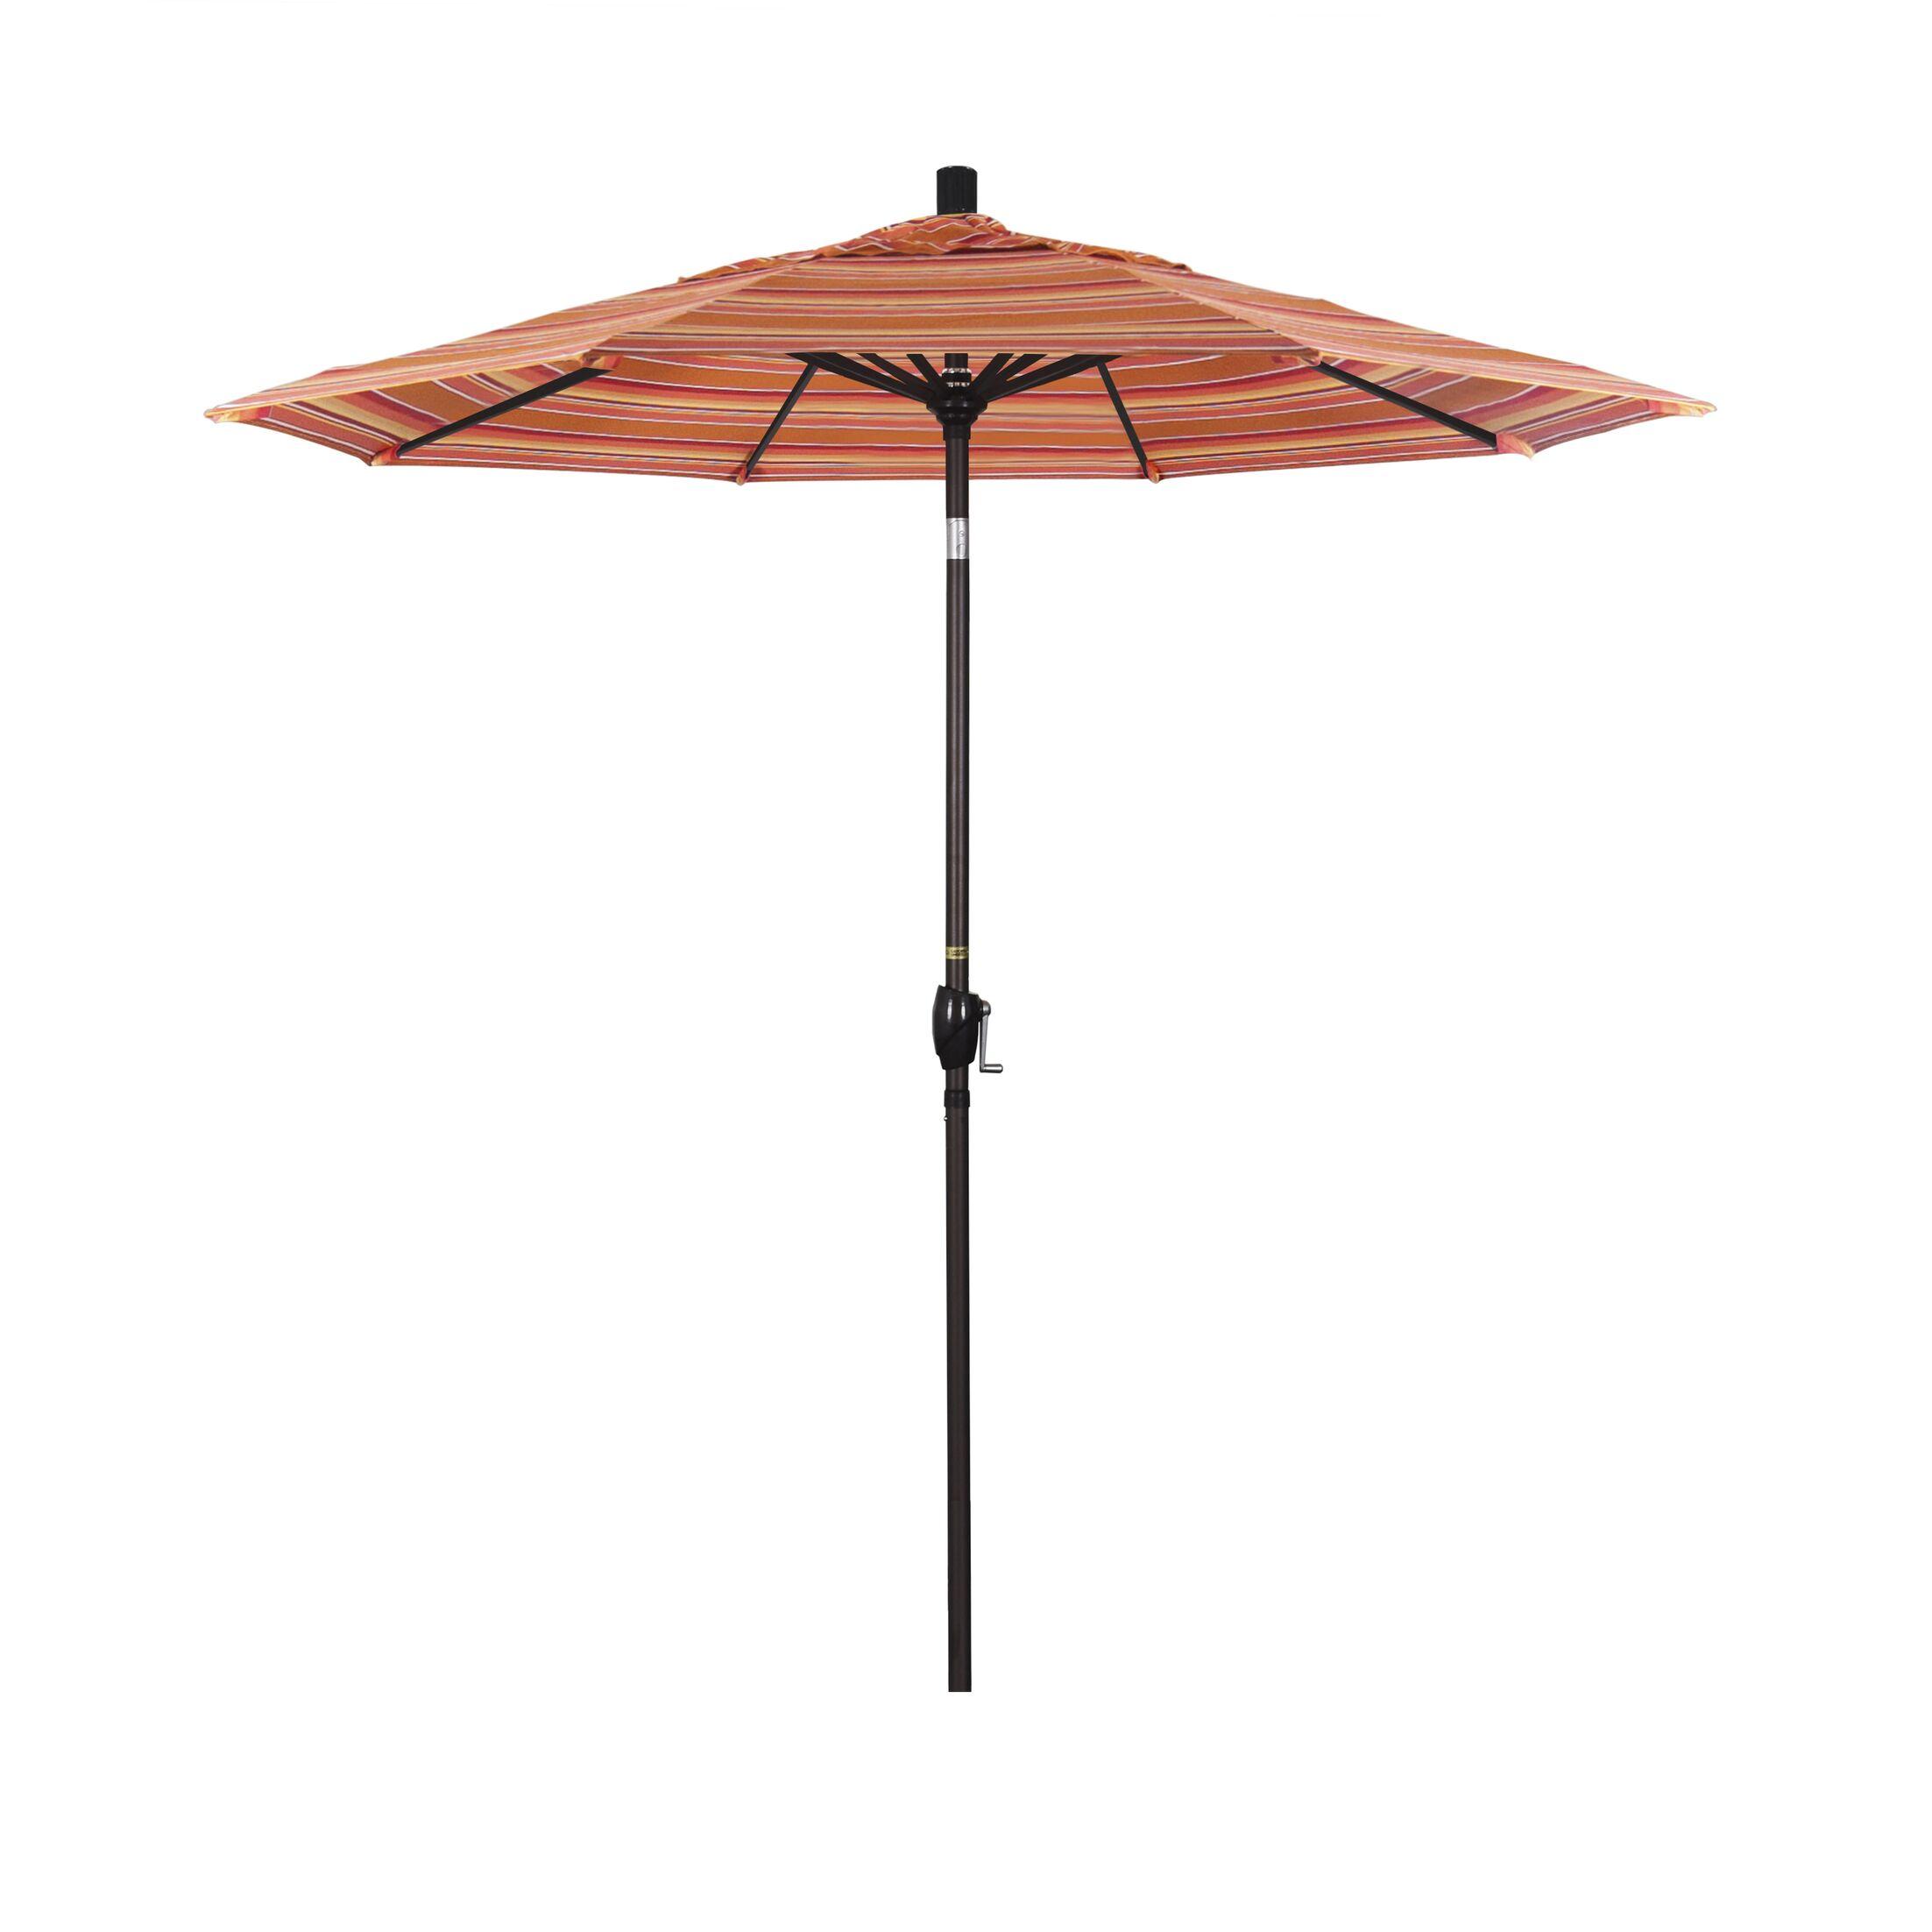 Cello 7.5' Market Umbrella Frame Finish: Matte Black, Color: Dolce Mango